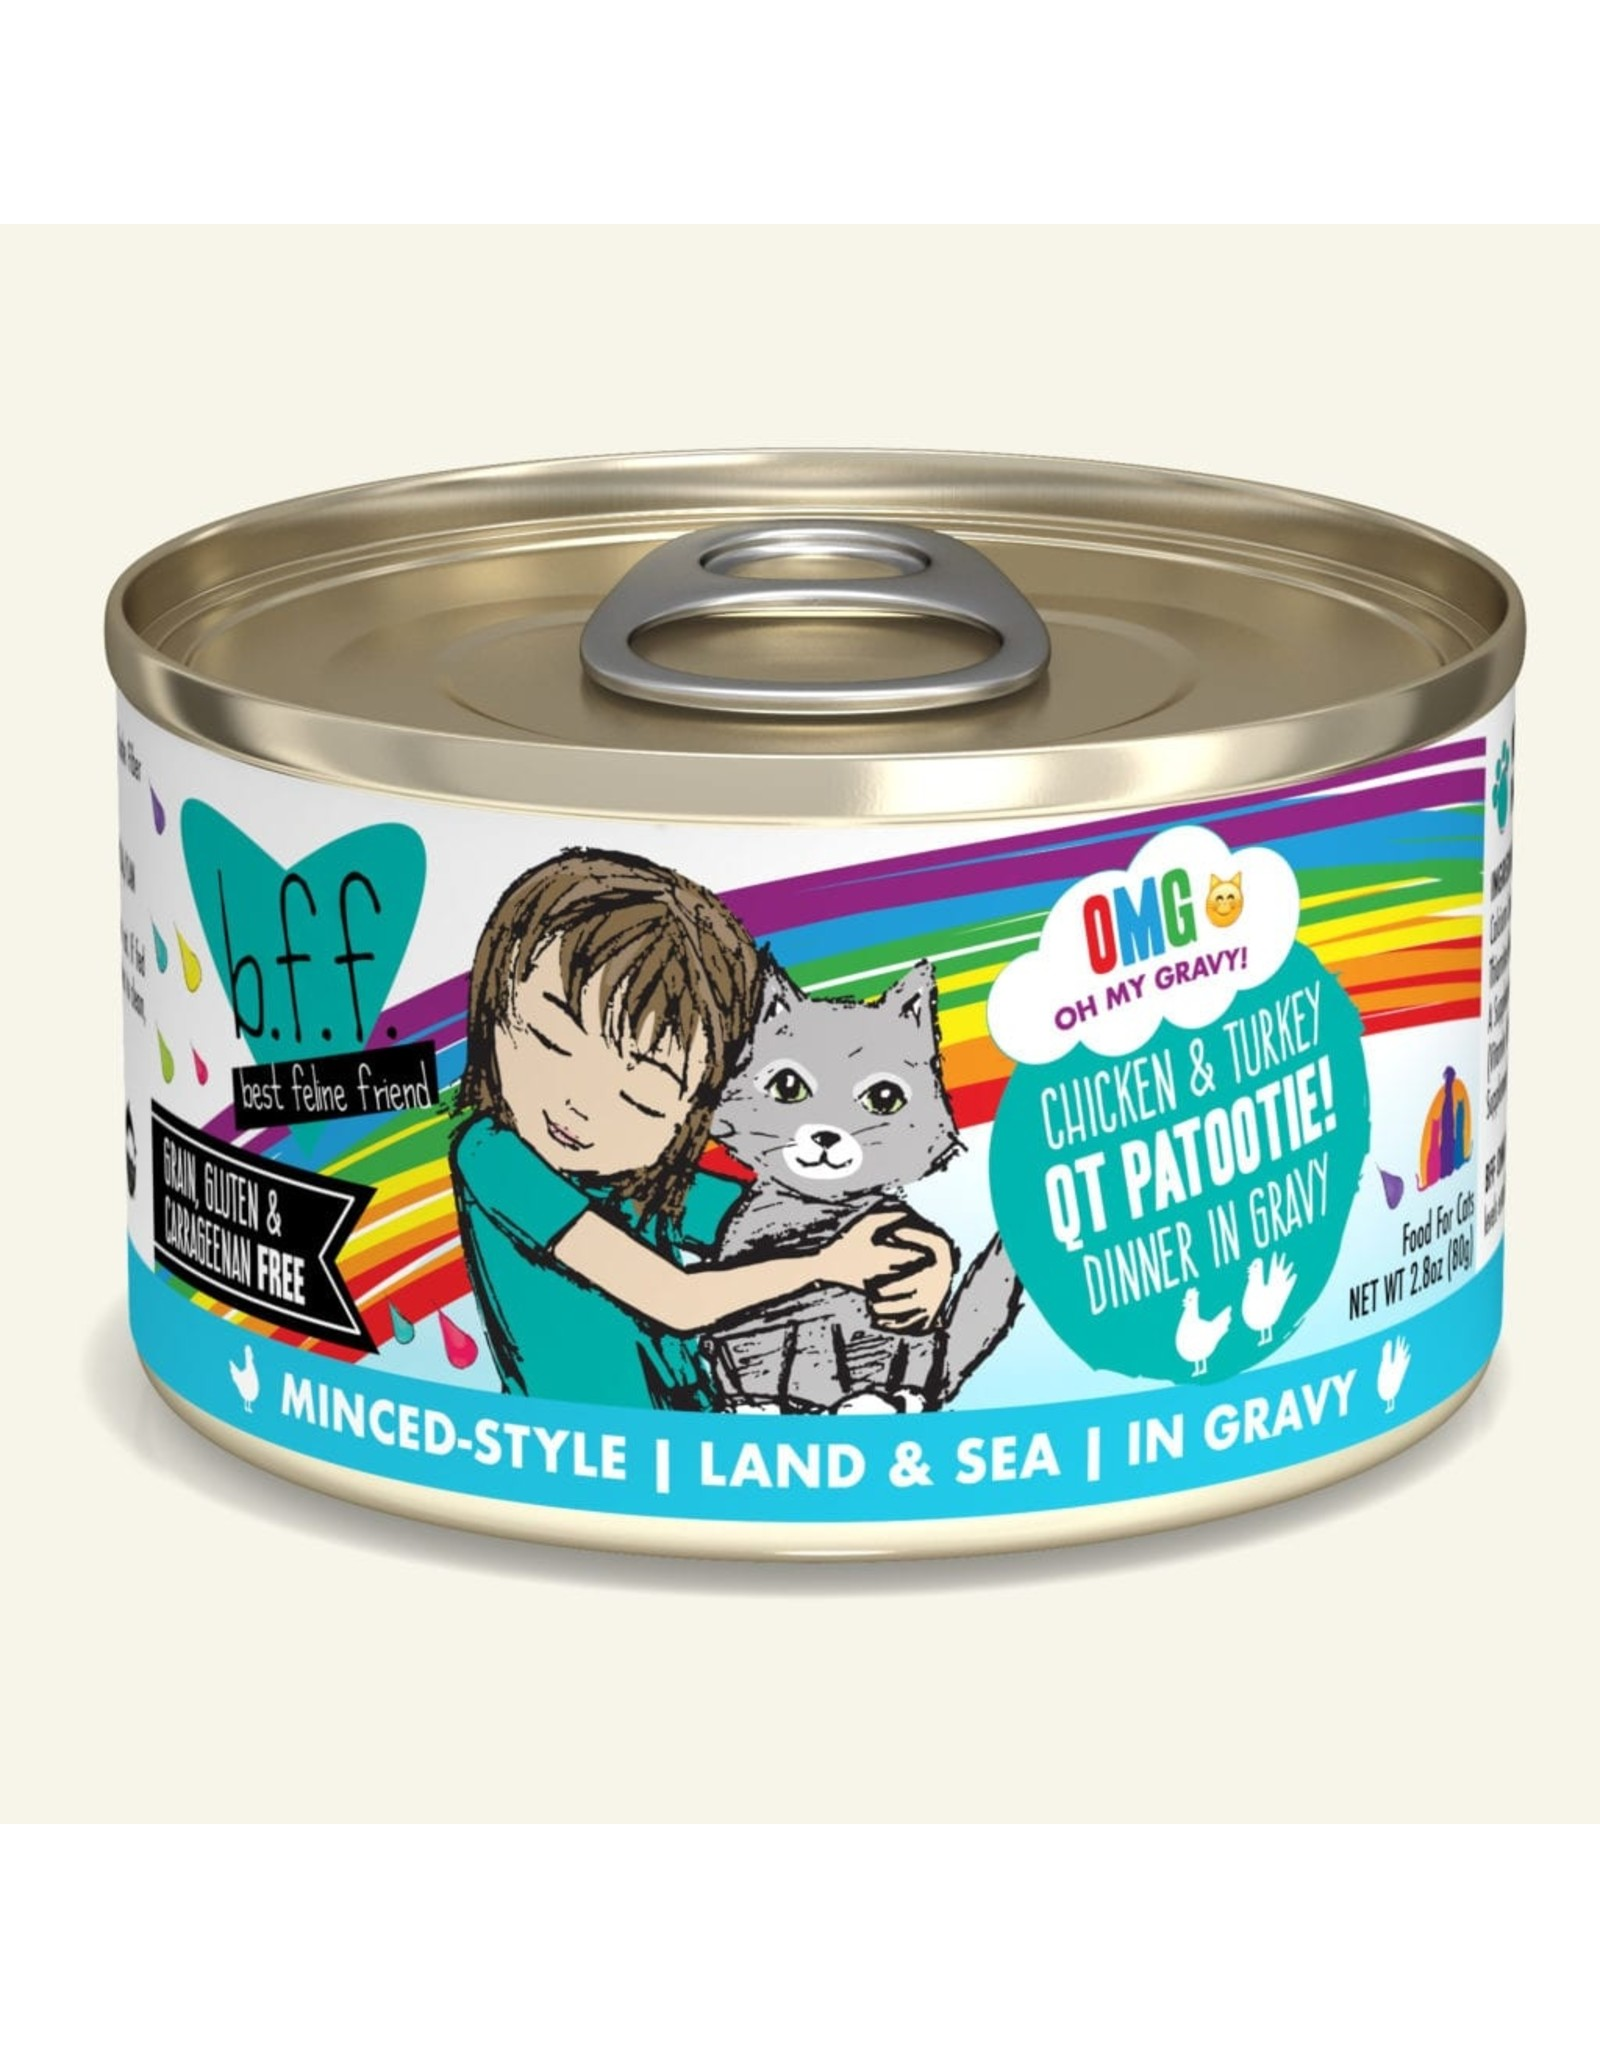 Weruva BFF Weruva B.F.F. OMG Best Feline Friend Oh My Gravy Wet Cat Food QT Patootie! Chicken & Turkey Dinner in Gravy 3oz Can